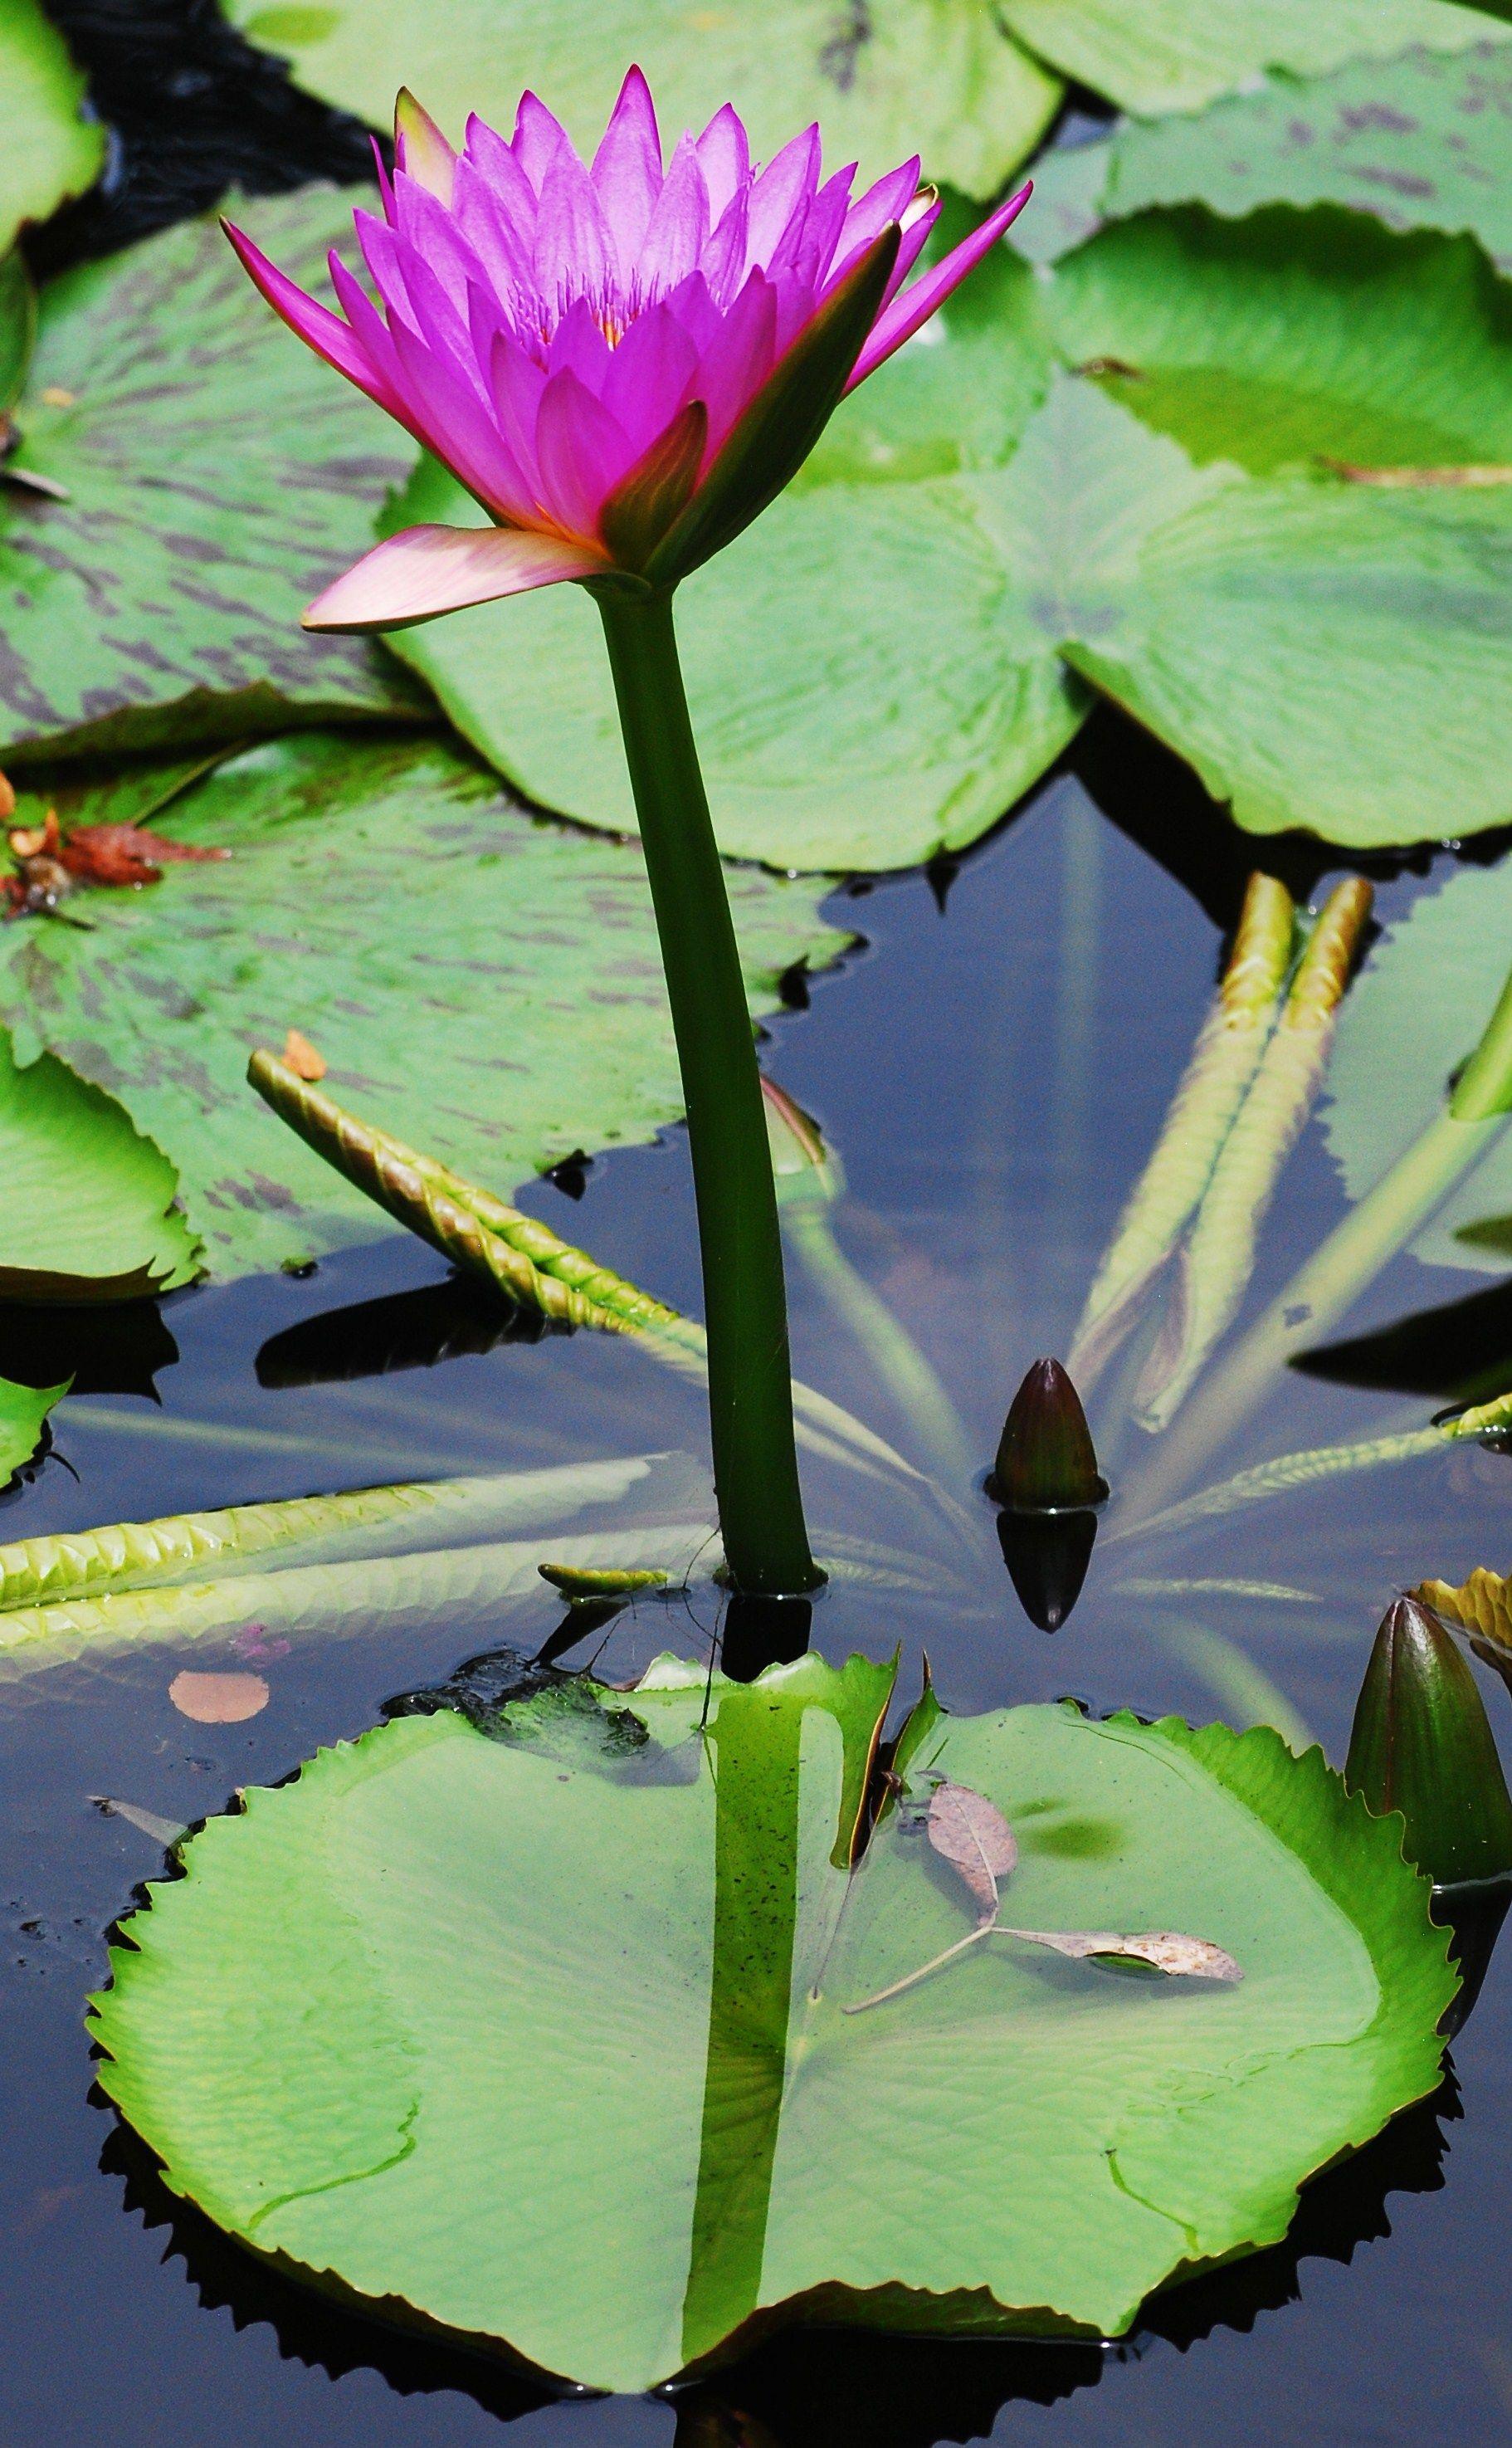 Botanical gardens lotus flower lotus flower pinterest lotus botanical gardens lotus flower izmirmasajfo